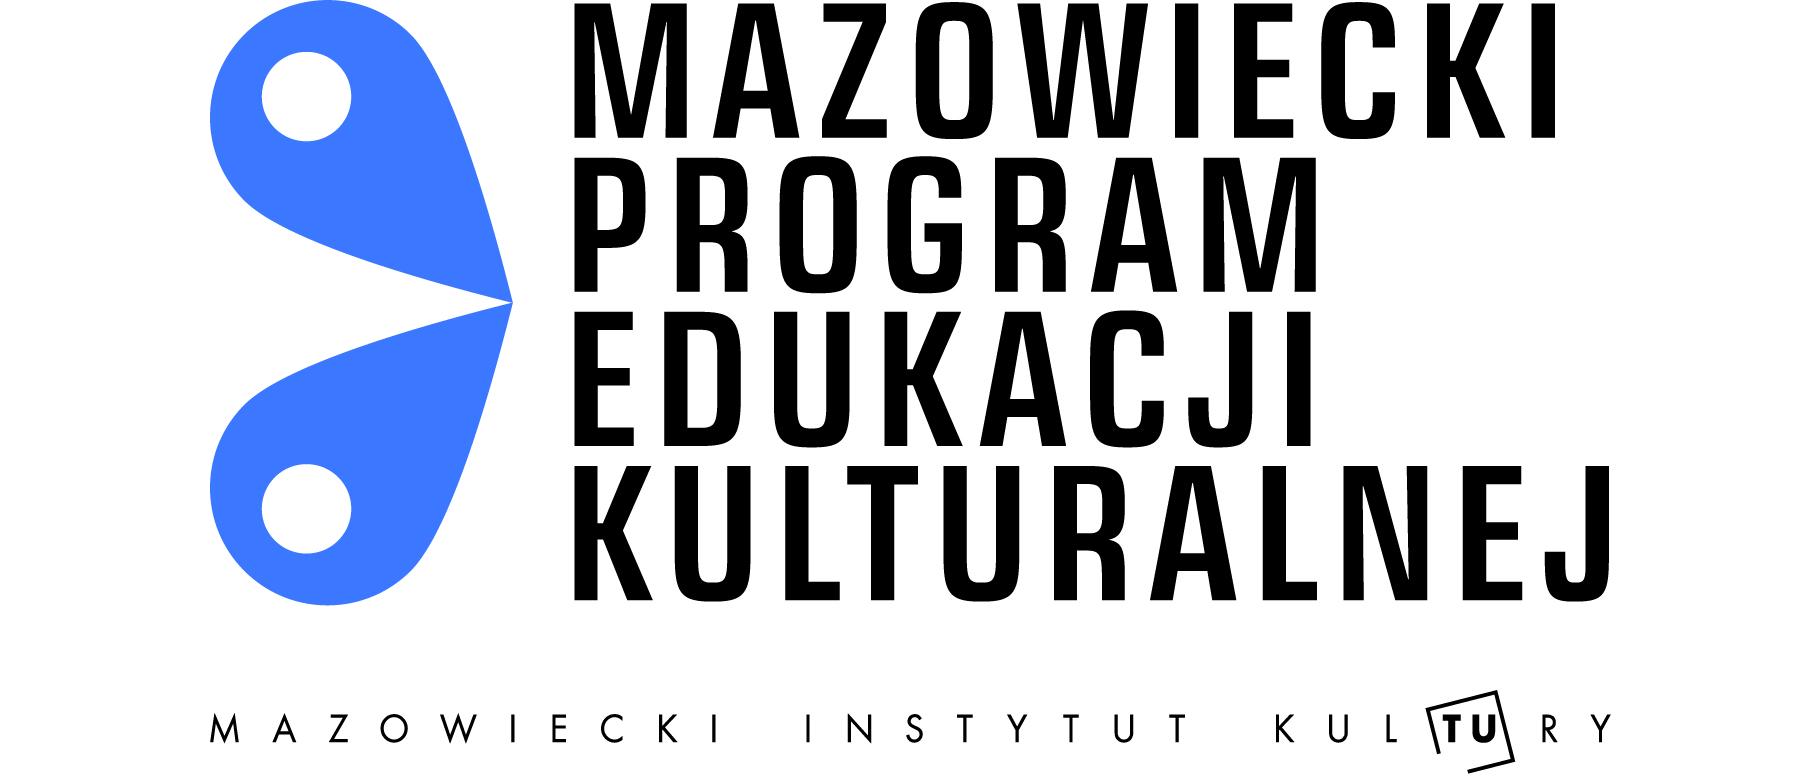 plansza z napisem mazowiecki program edukacji kulturalne